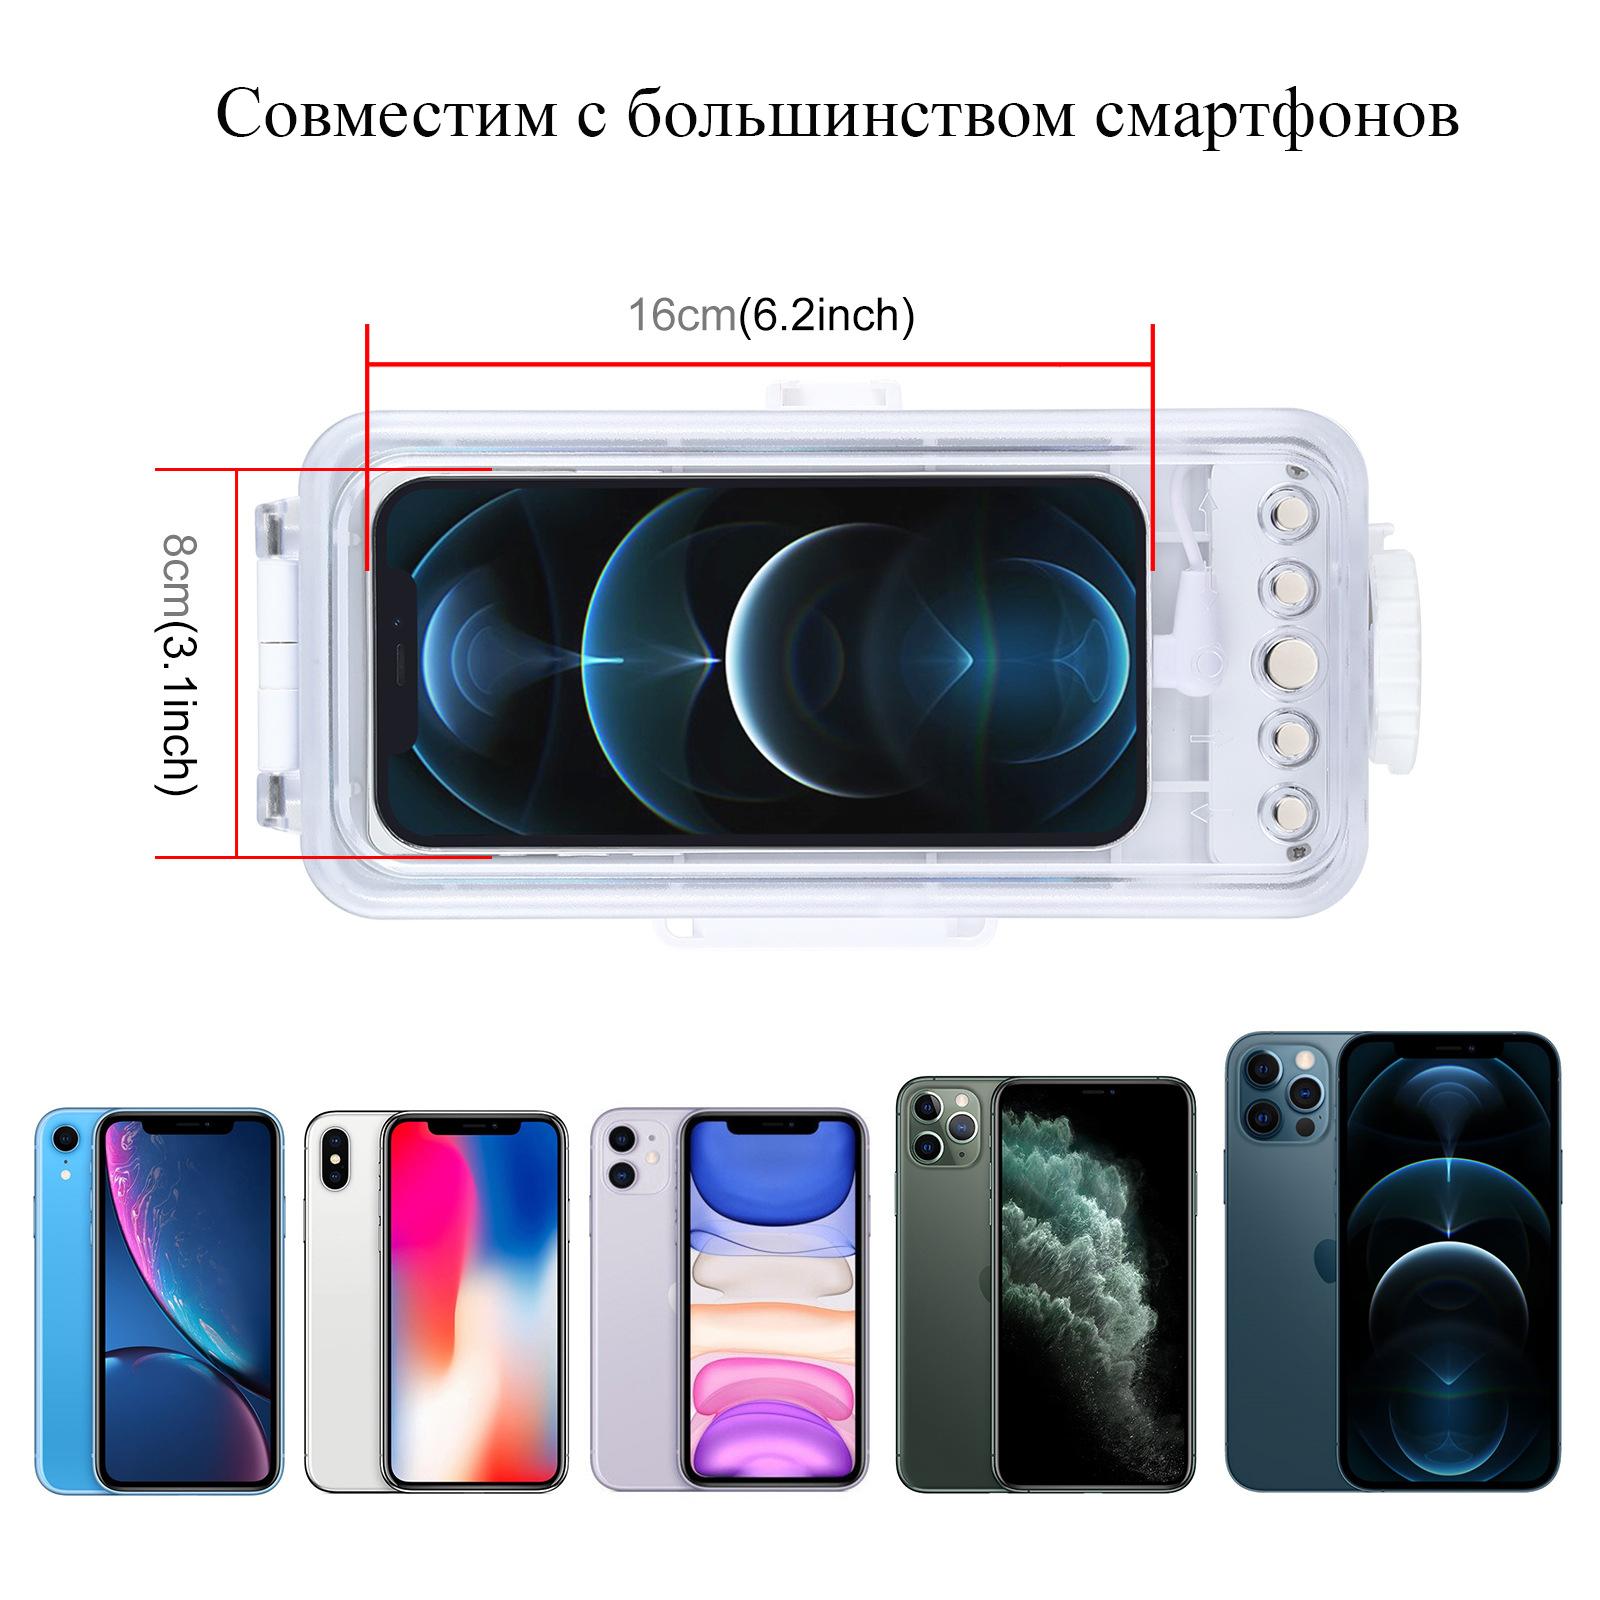 чехол для iPhone с iOS13.0 и выше от PULUZ 2 - Водонепроницаемый чехол для iPhone (с iOS13.0 и выше) от PULUZ, универсальный чехол для iPhone